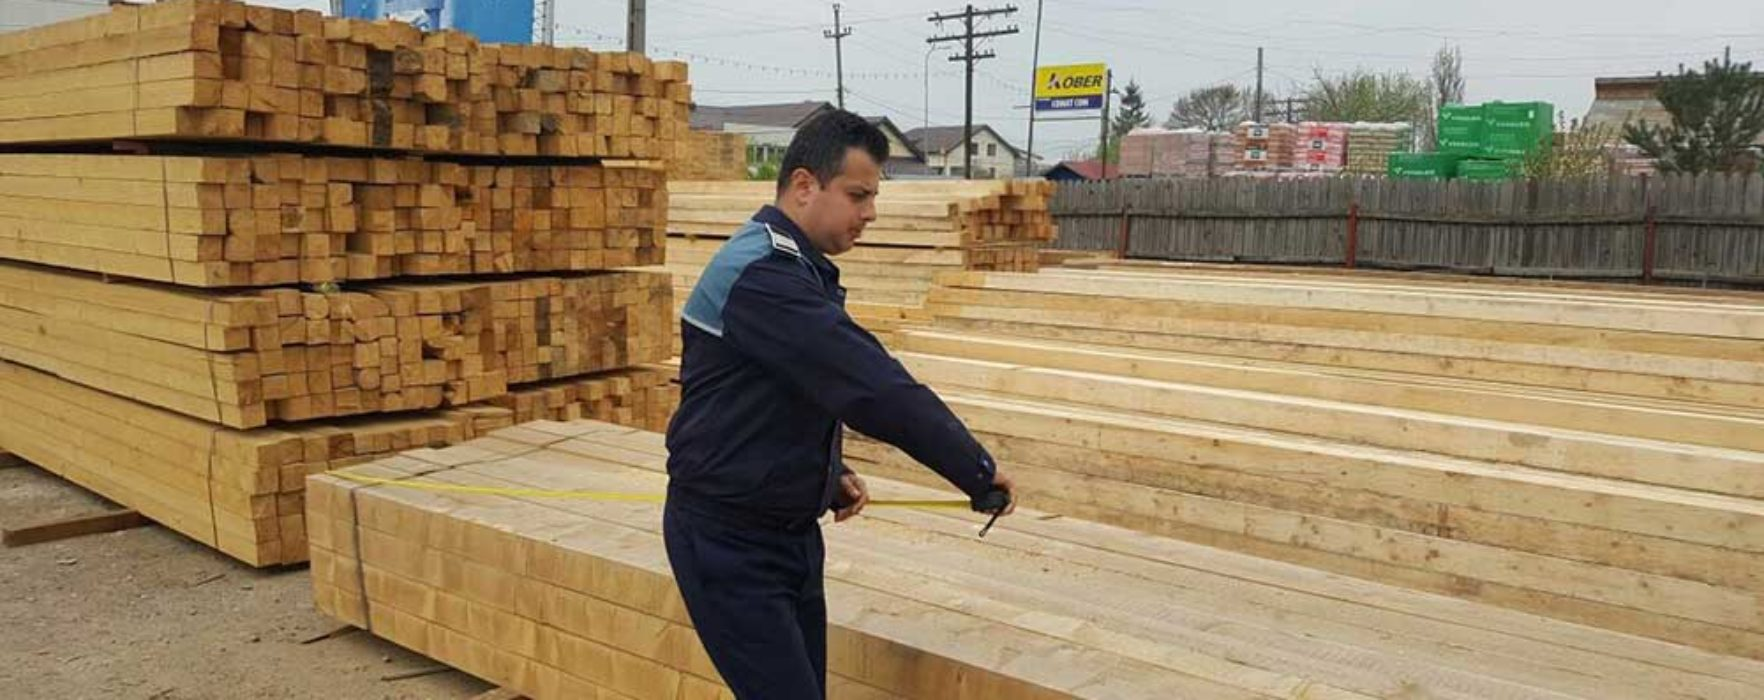 Dâmboviţa: Nereguli privind expedierea materialului lemnos, sancţionate de poliţişti la un ocol silvic privat